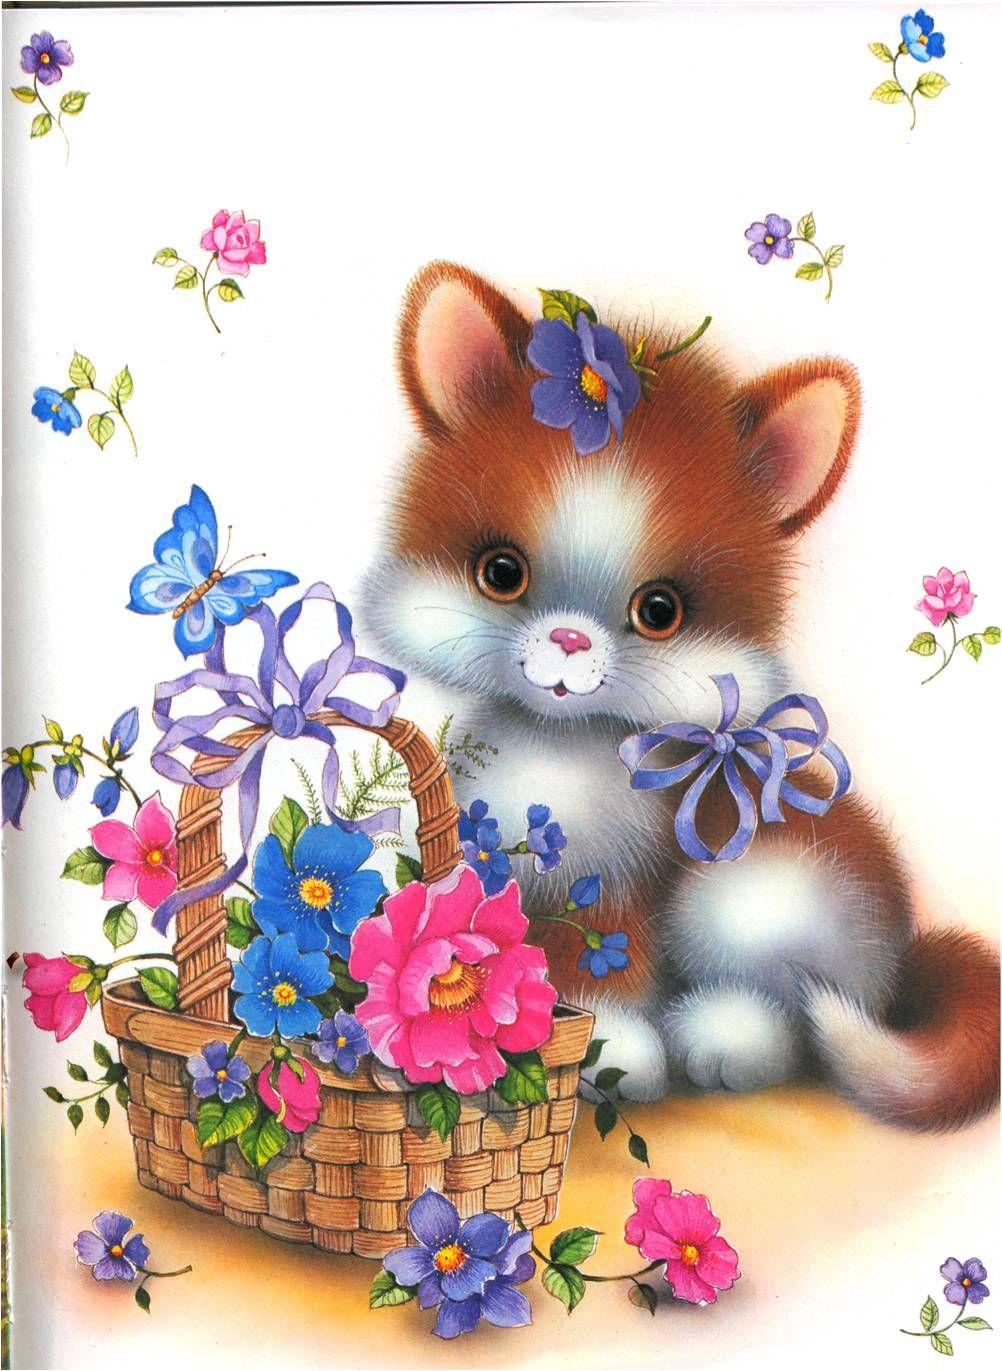 Картинки со зверятами с добрым утром это цветочек тебе от меня, тебя люблю картинки